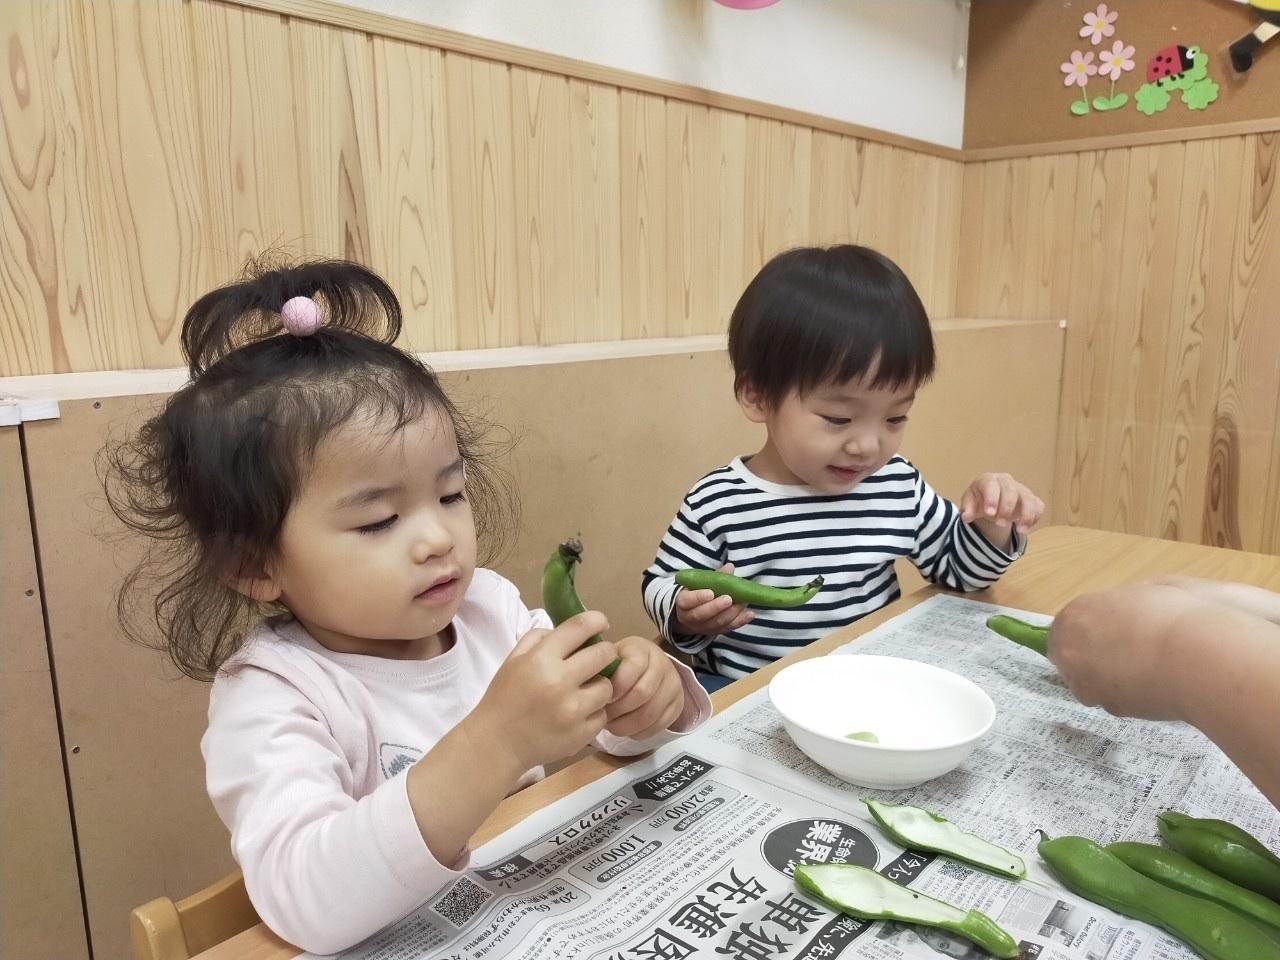 新百合ヶ丘ルーム〜食育&お稽古〜_a0318871_20243219.jpeg